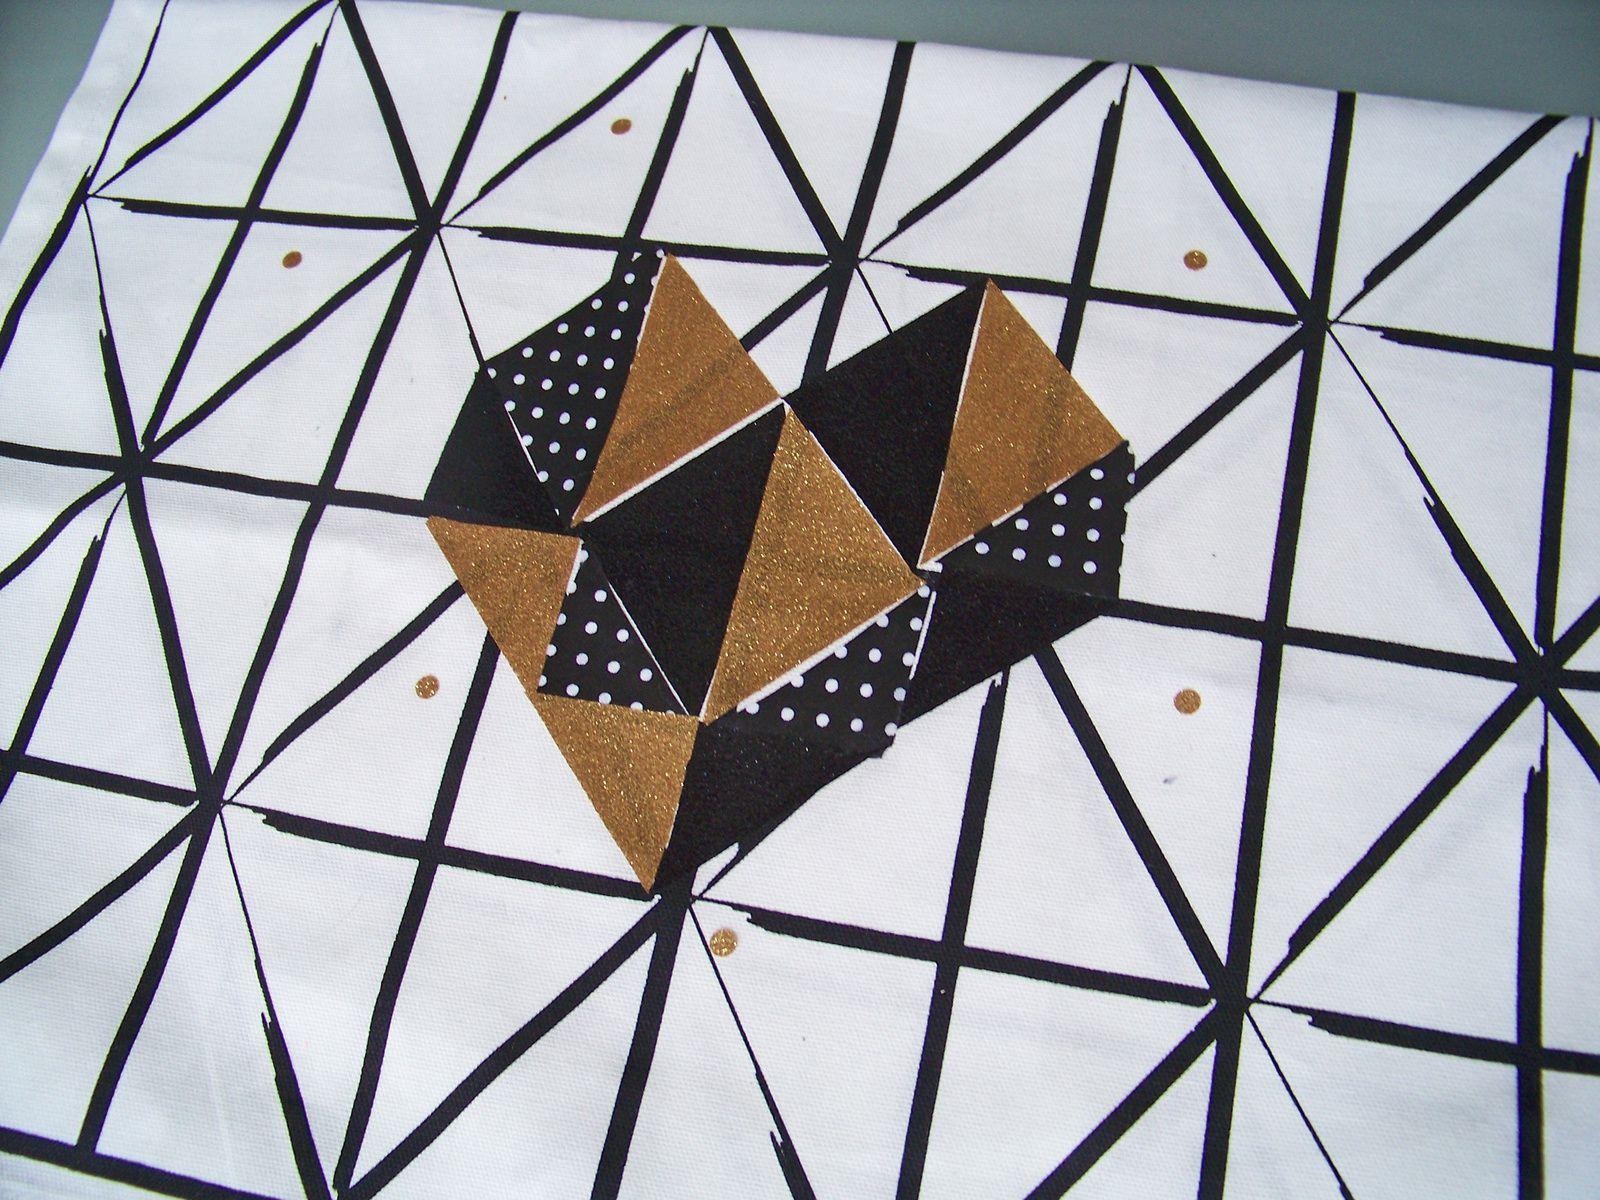 Un coeur géométrique pour la St valentin